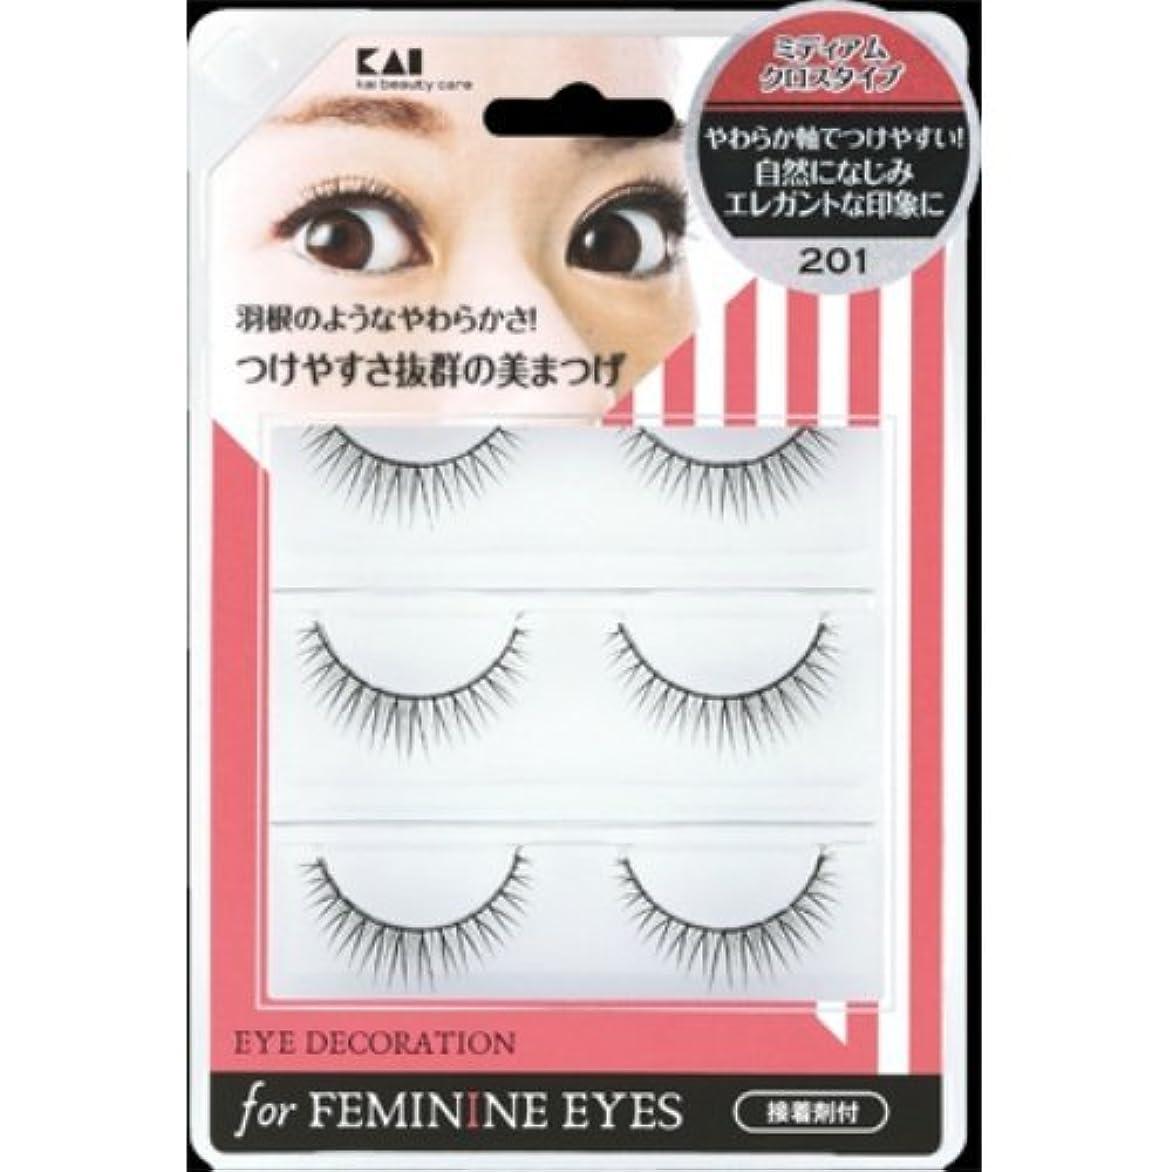 依存舗装動的貝印 アイデコレーション for feminine eyes 201 HC1558